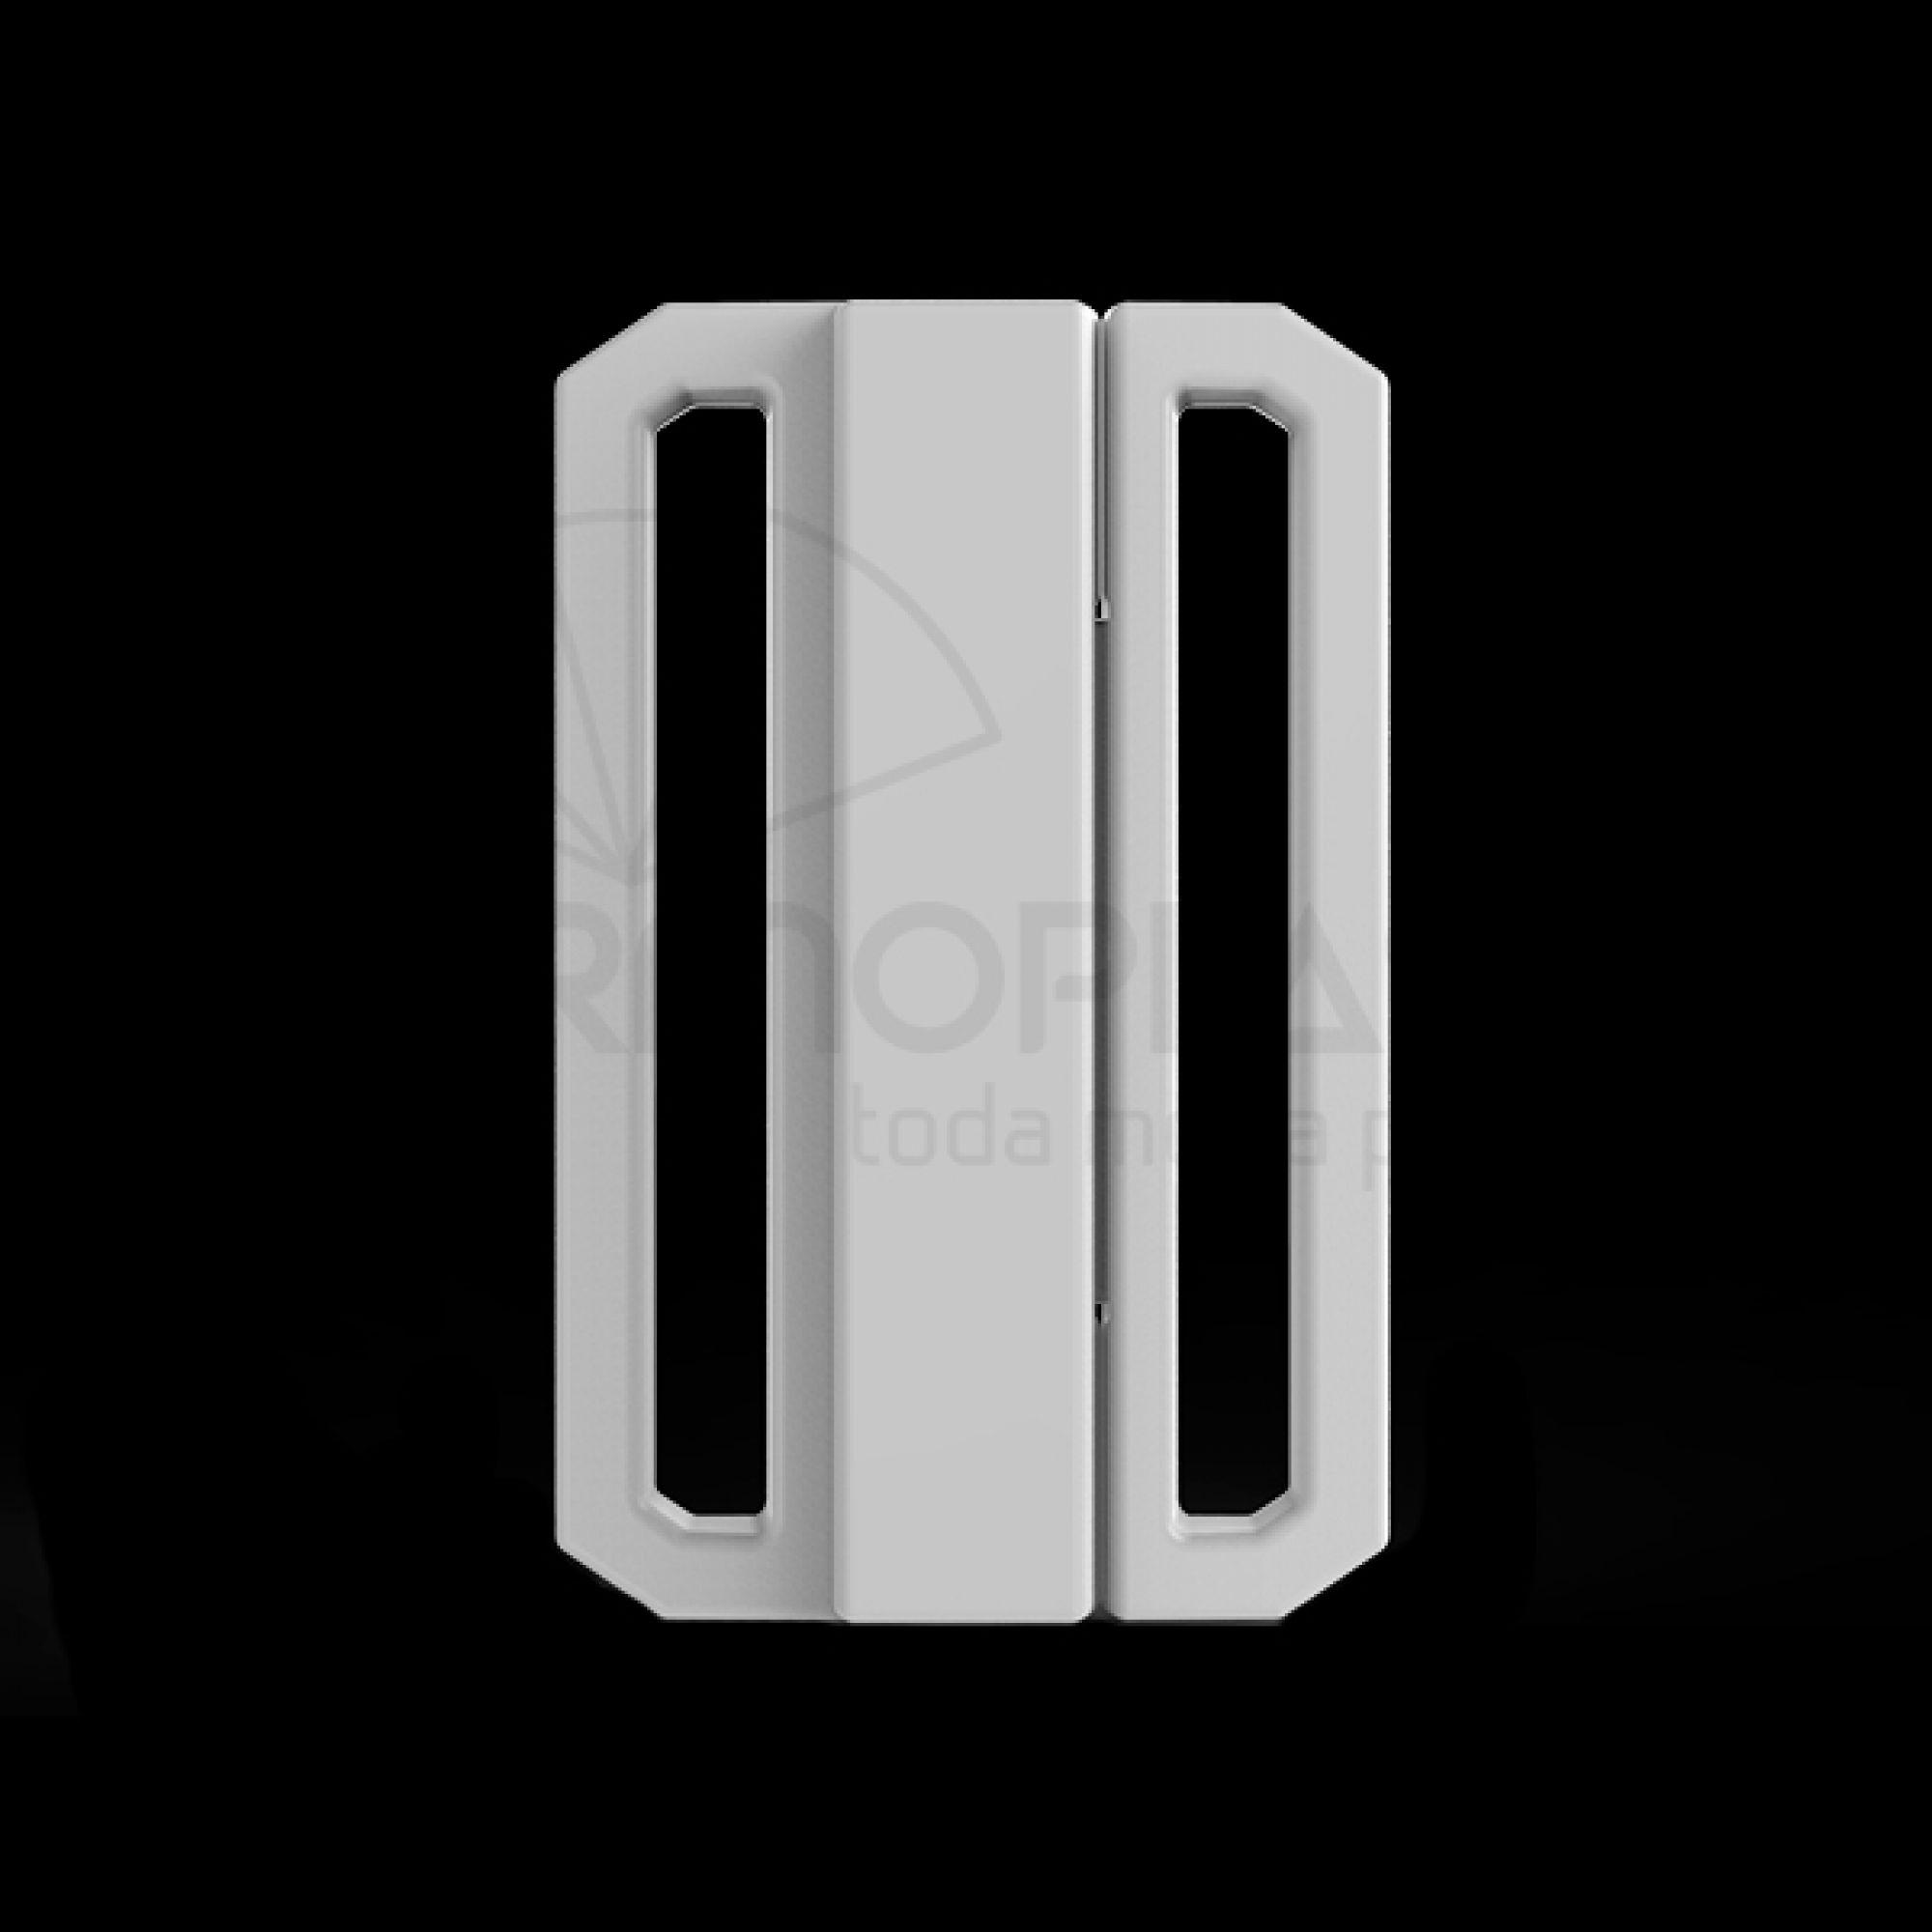 a4b6537bb Fecho 032 30mm - Fermoplast - Acessórios para empresas de sucesso